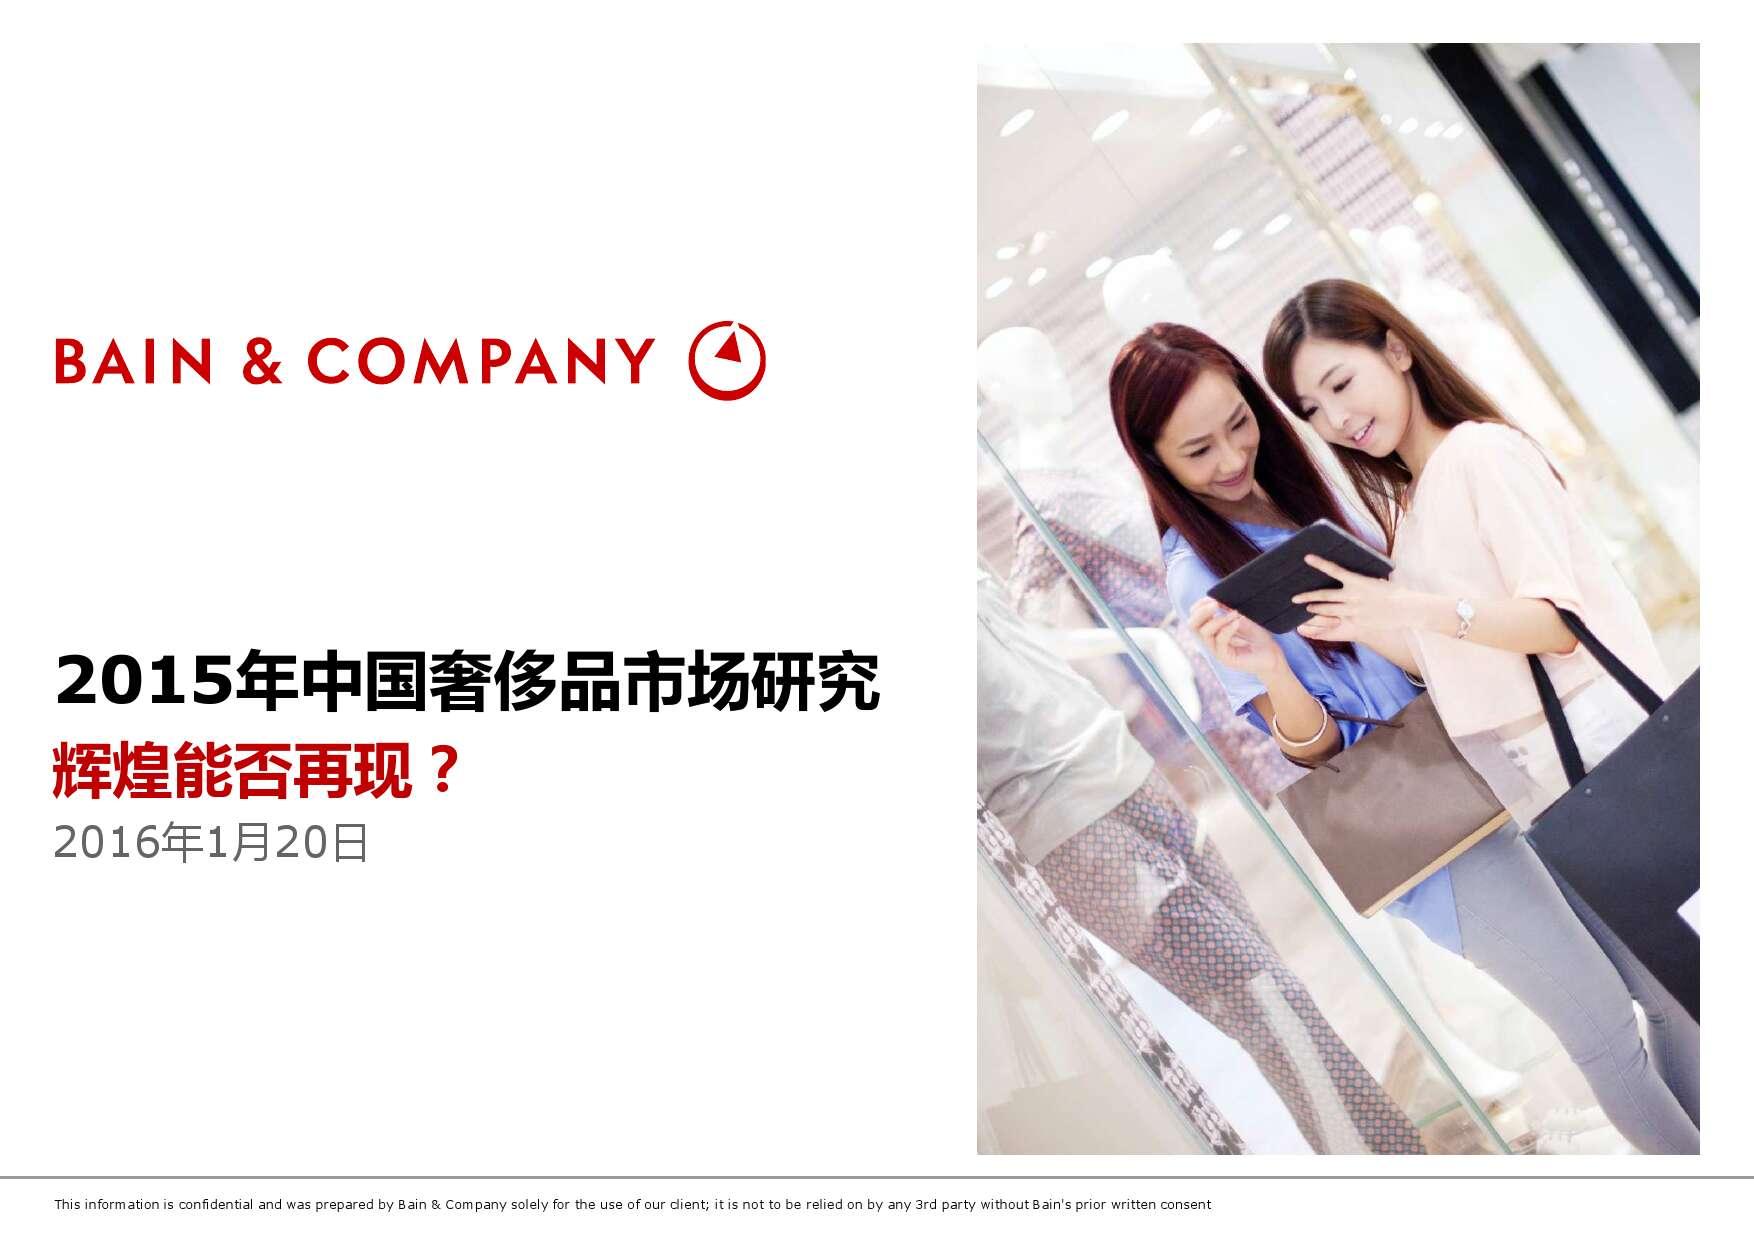 2015年中国奢侈品市场研究报告_000001